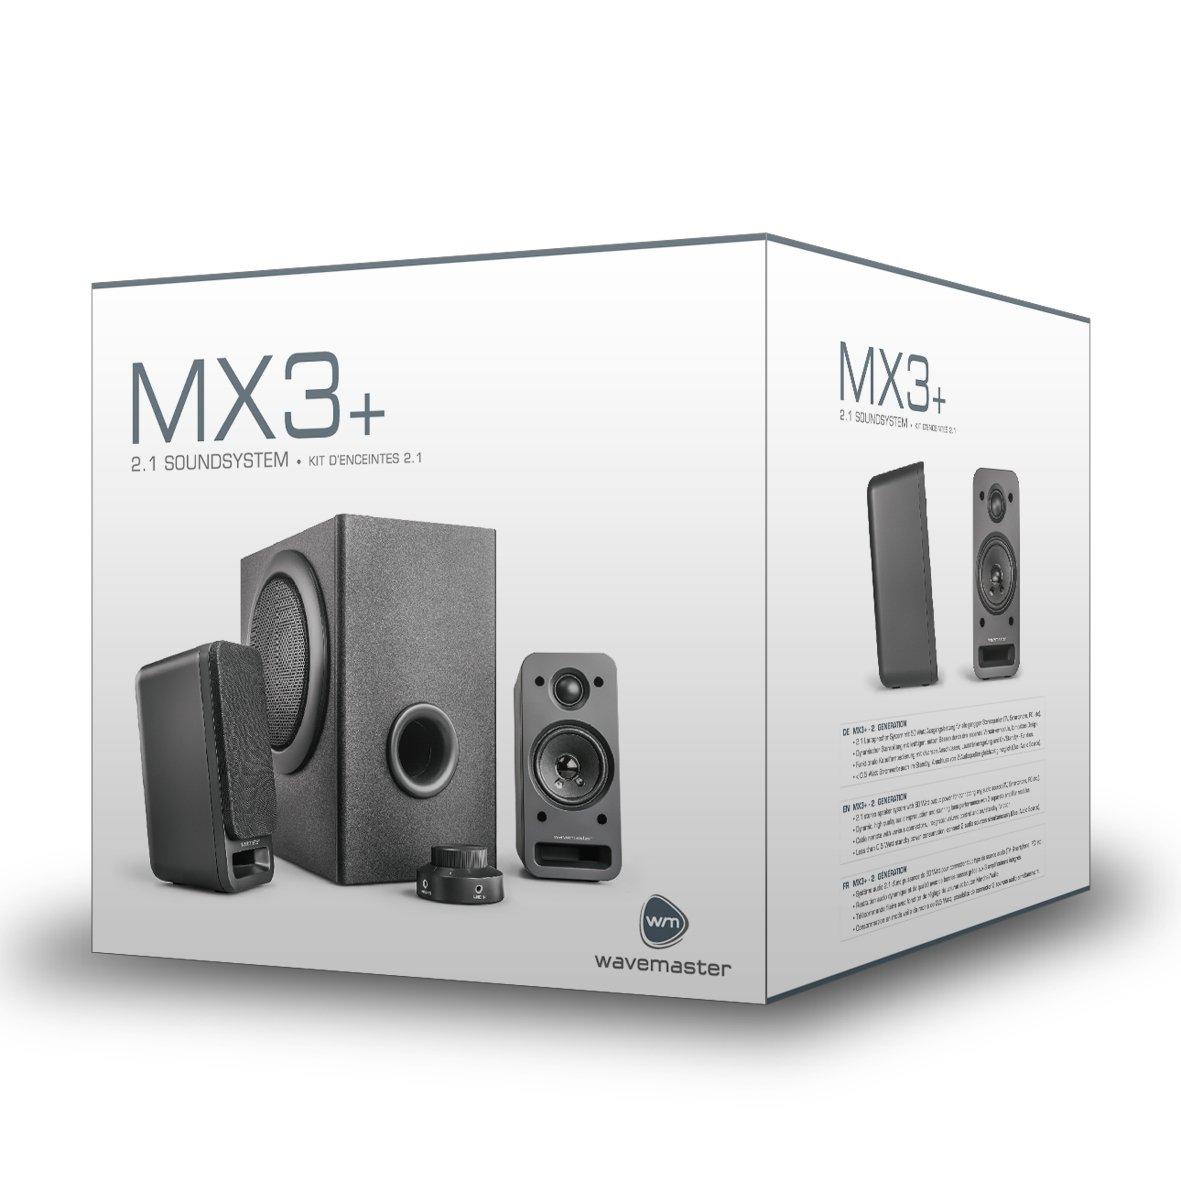 Aktiv Drahtlose Bluetooth Lautsprecher Super Bass 3d Surround Stereo Holz Dual Lautsprecher Verbraucher Zuerst Funkadapter Unterhaltungselektronik